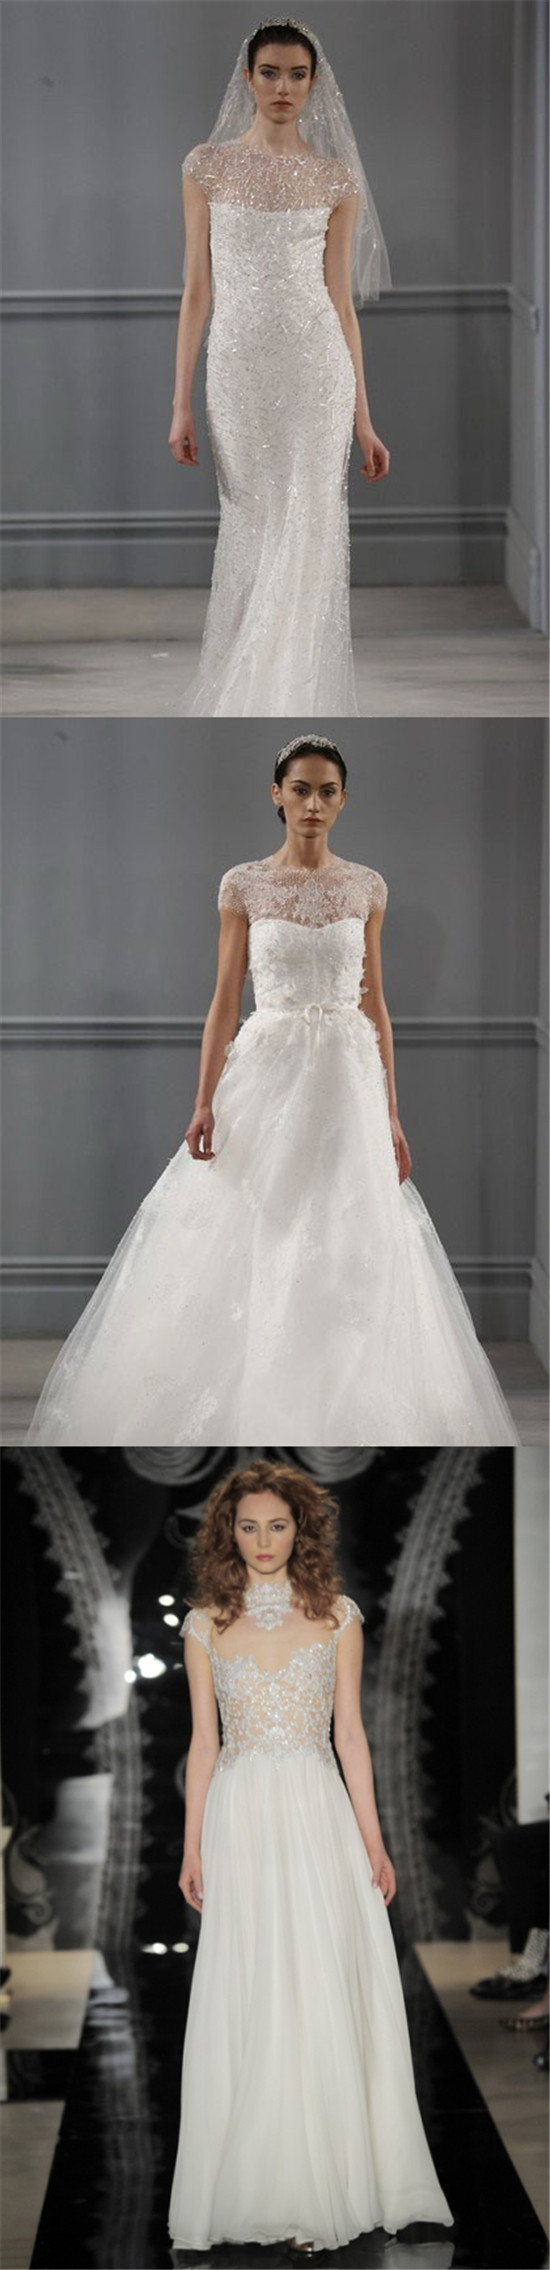 5 tendances des robes de mari e printemps t 2014 de new for Monique lhuillier robes de mariage